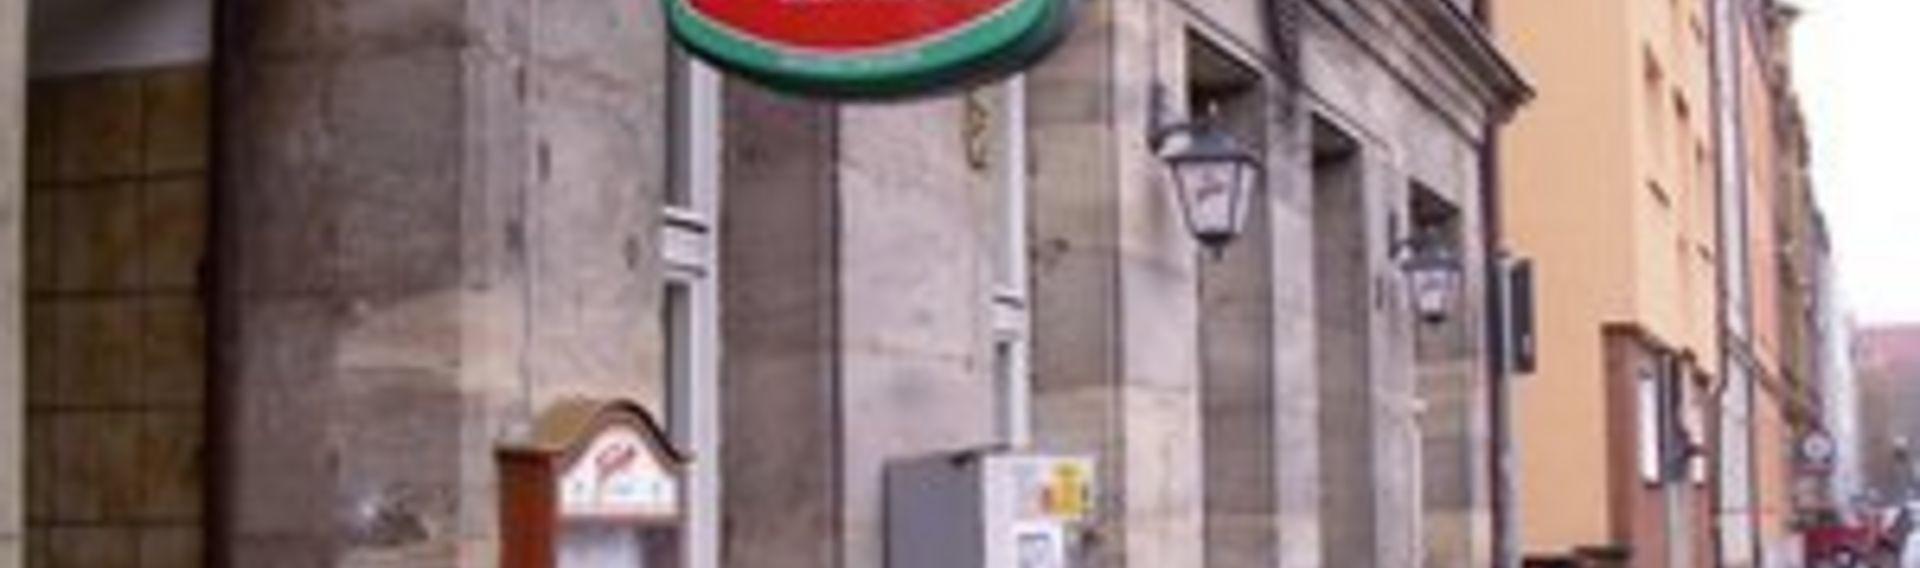 O'Toole's Schmiede Irish Pub & Restaurant – Unterwegs in Nürnberg mit Hund